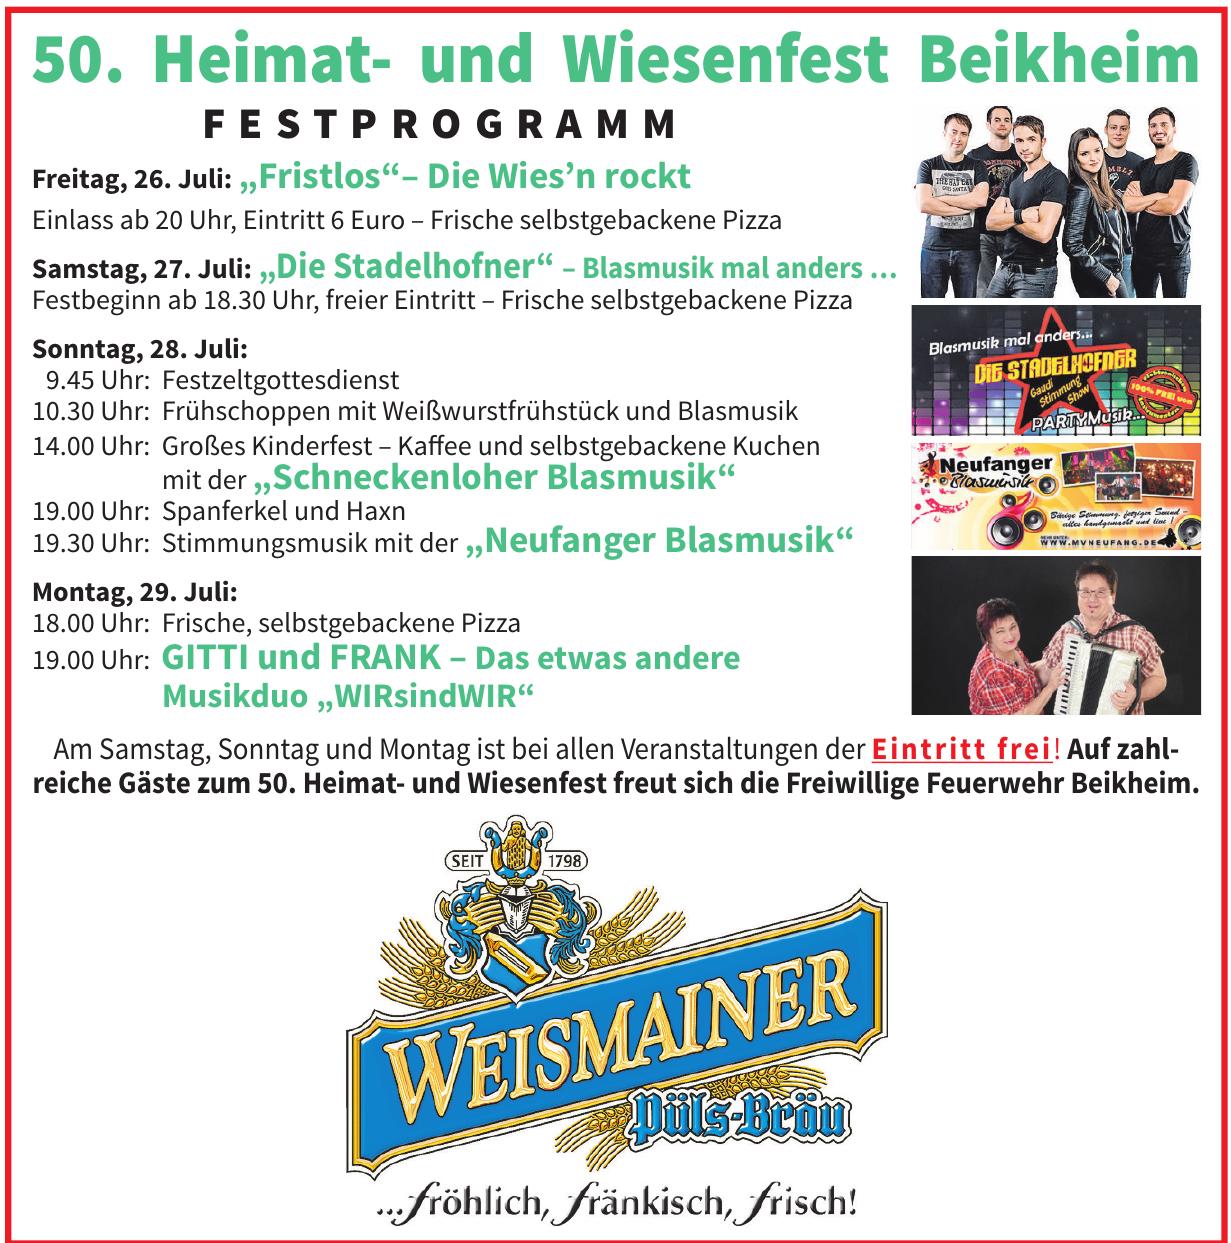 50. Heimat- und Wiesenfest Beikheim